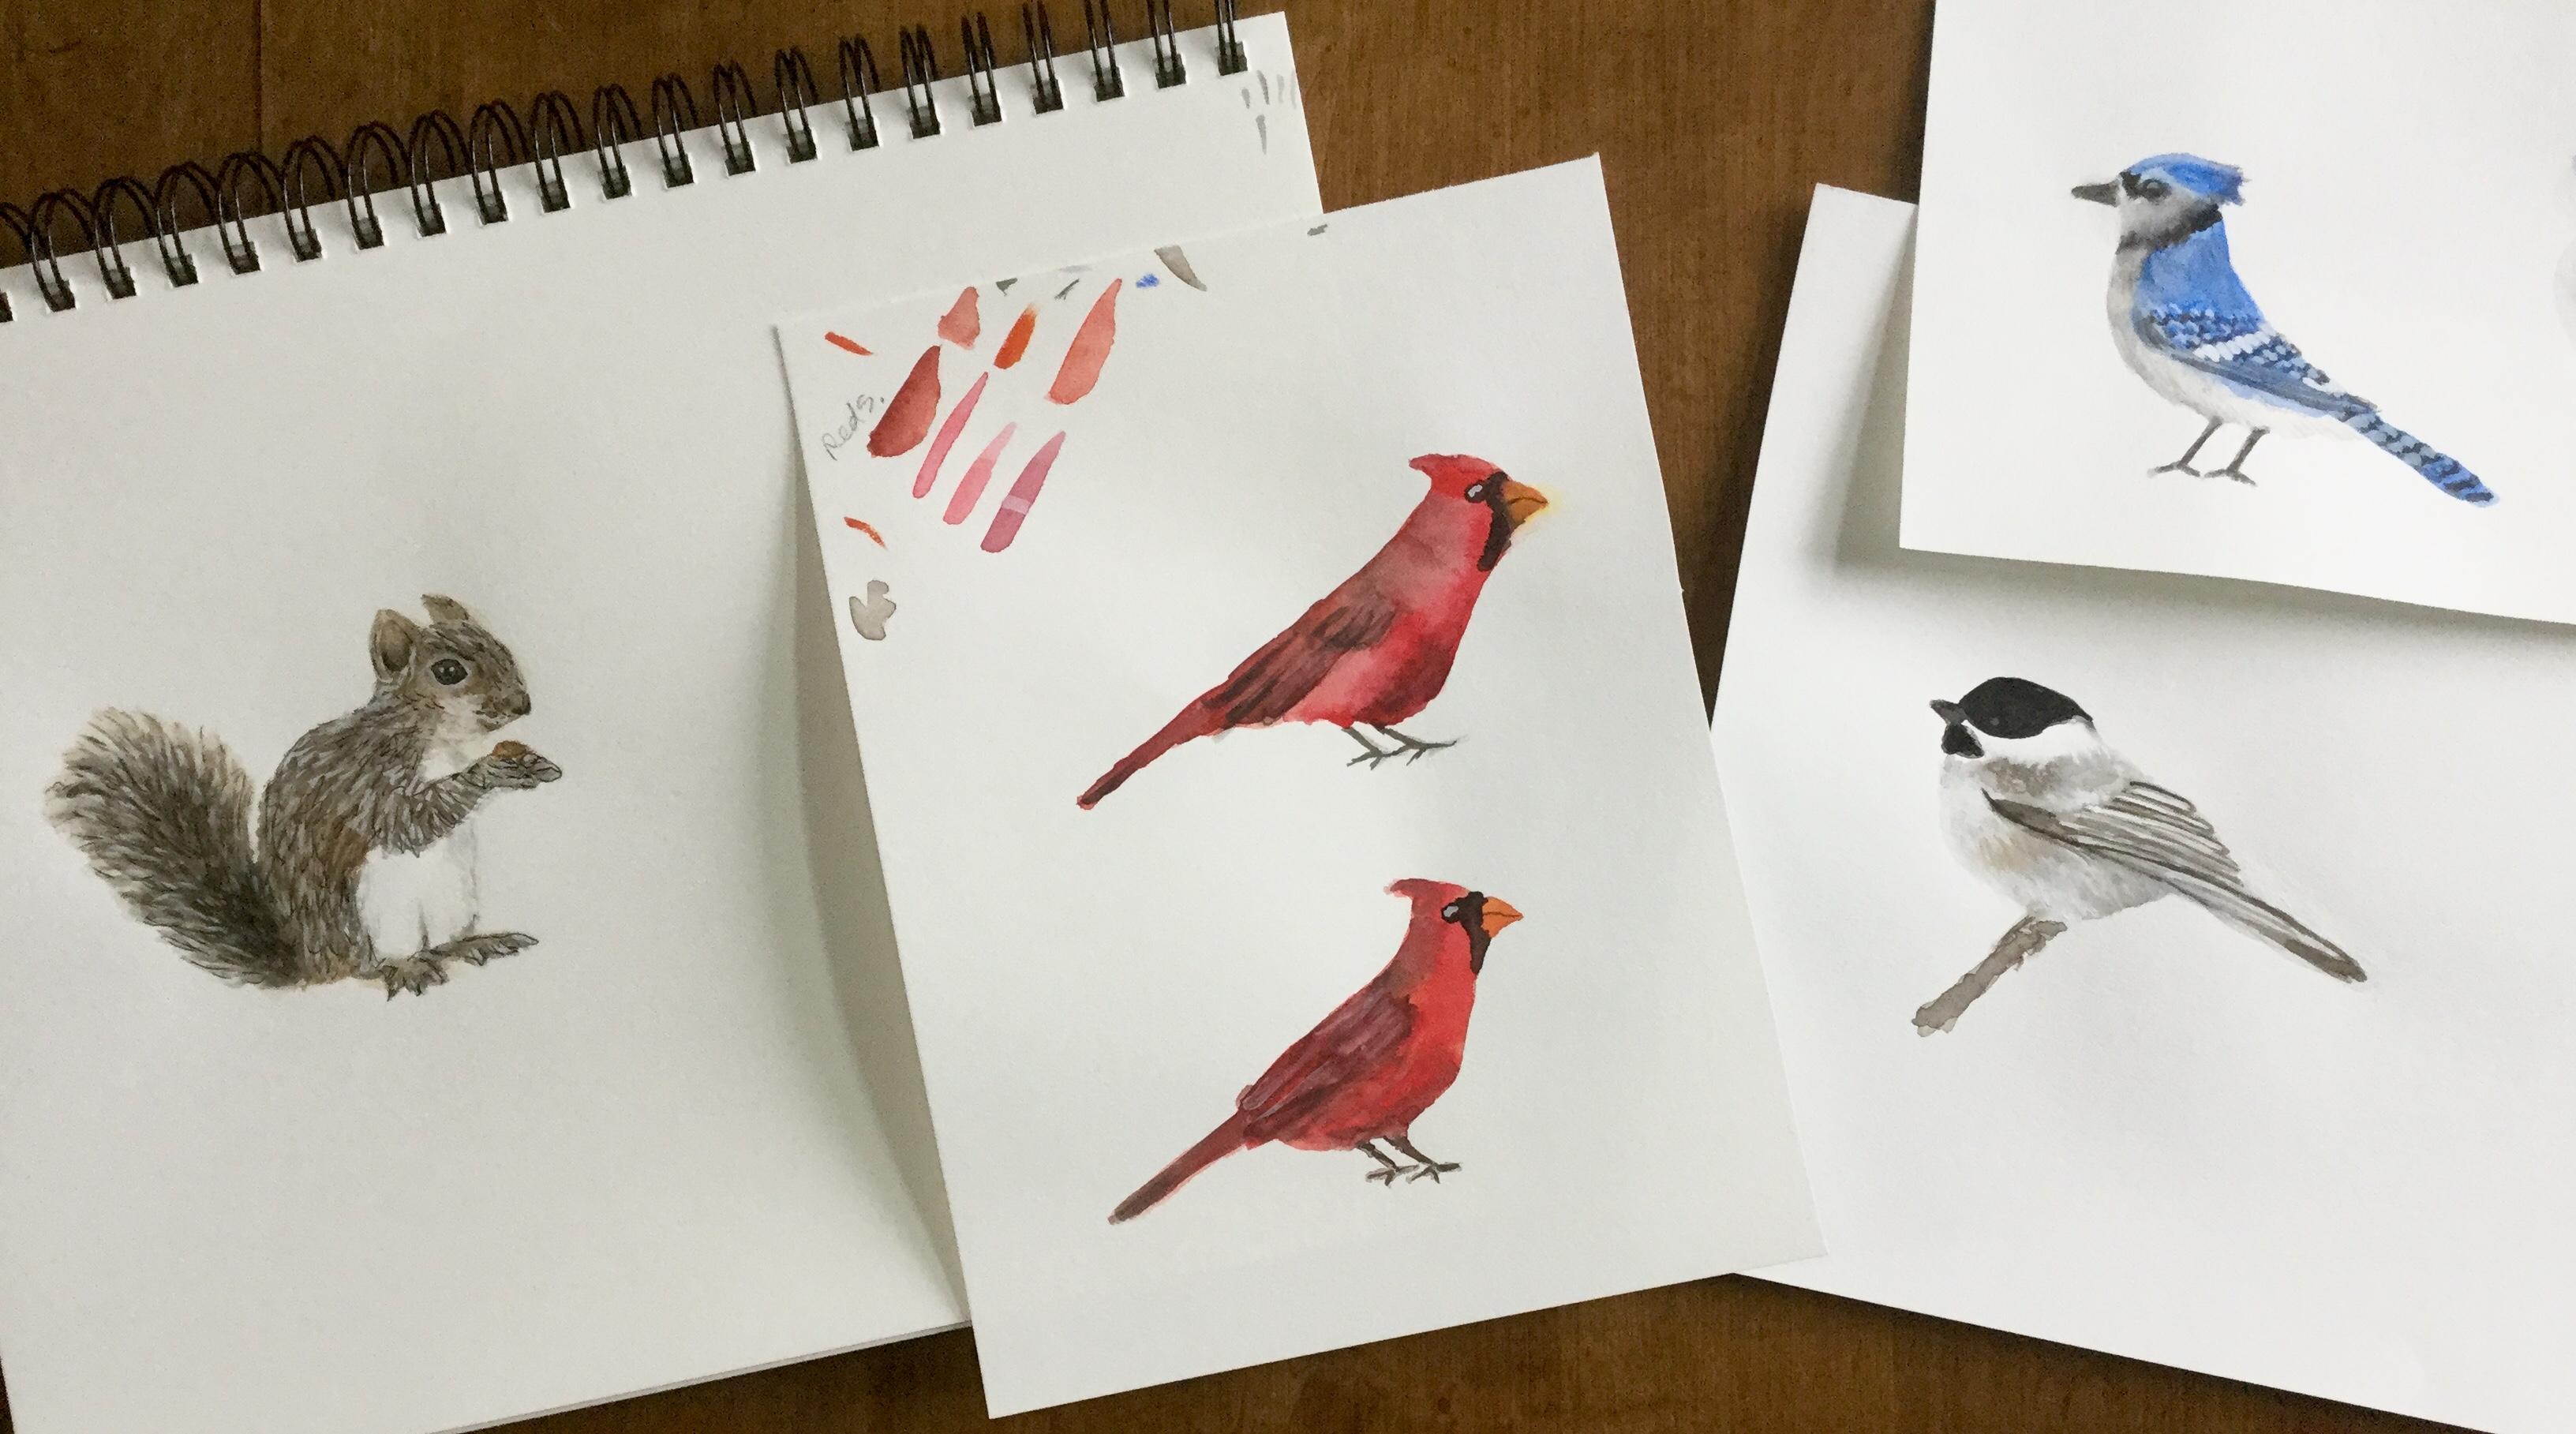 Inspiration at the bird feeder by Eileen McKenna